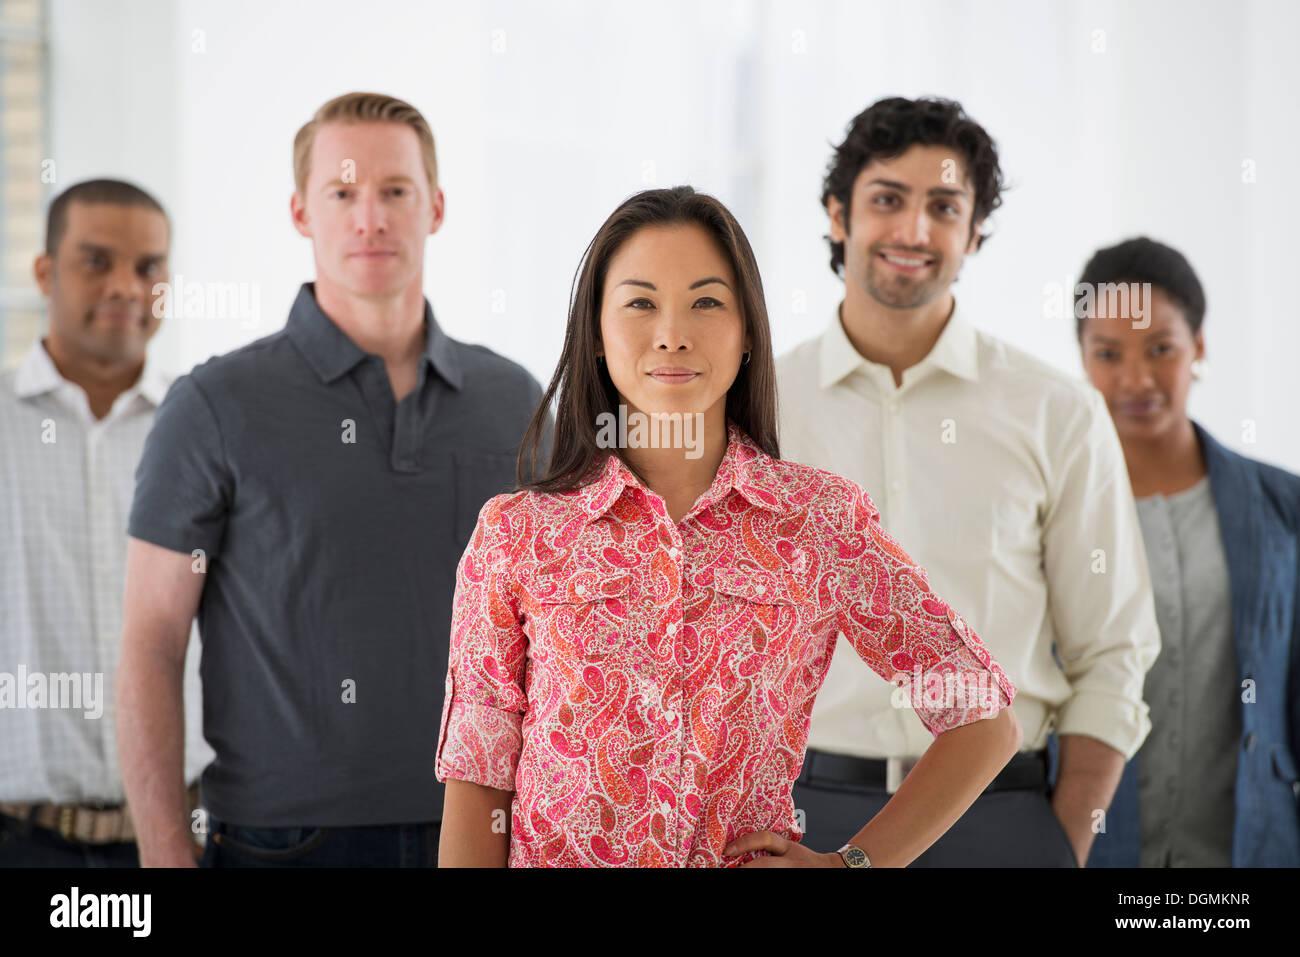 Business. Un team di persone, un multi gruppo etnico, gli uomini e le donne in un gruppo. Immagini Stock